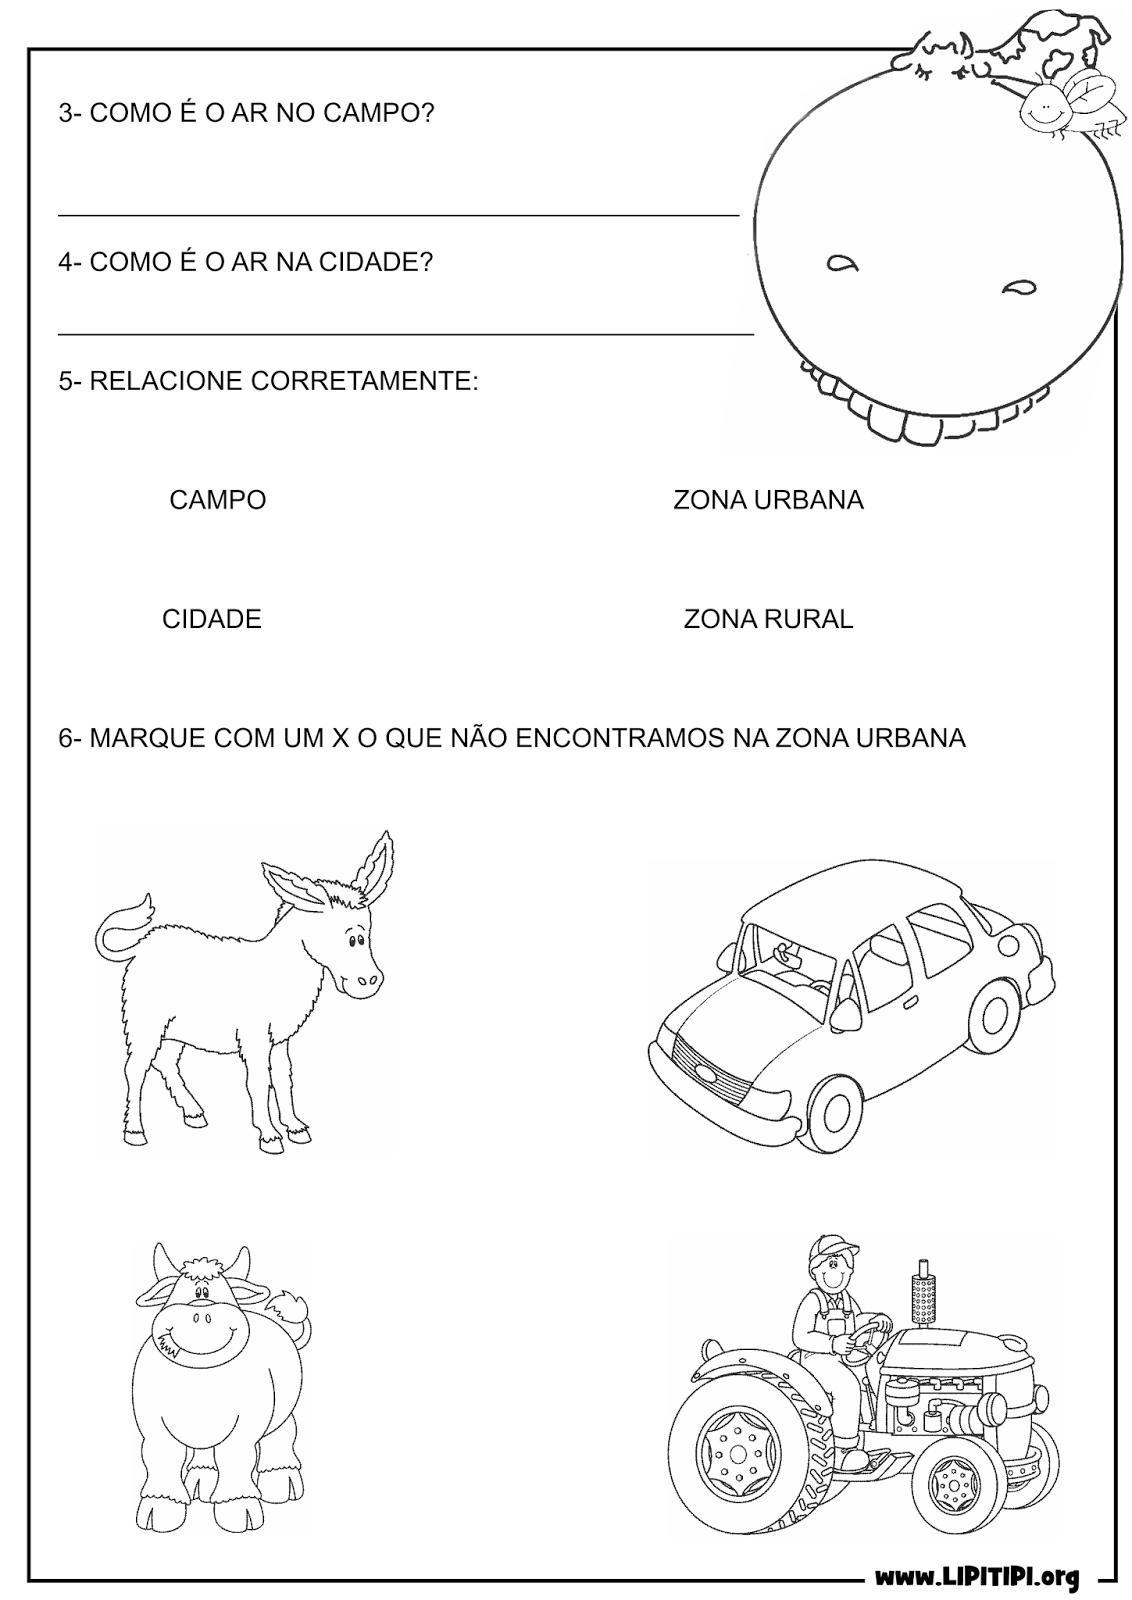 Sequencia Didatica Livro A Vaca Mimosa E A Mosca Zenilda